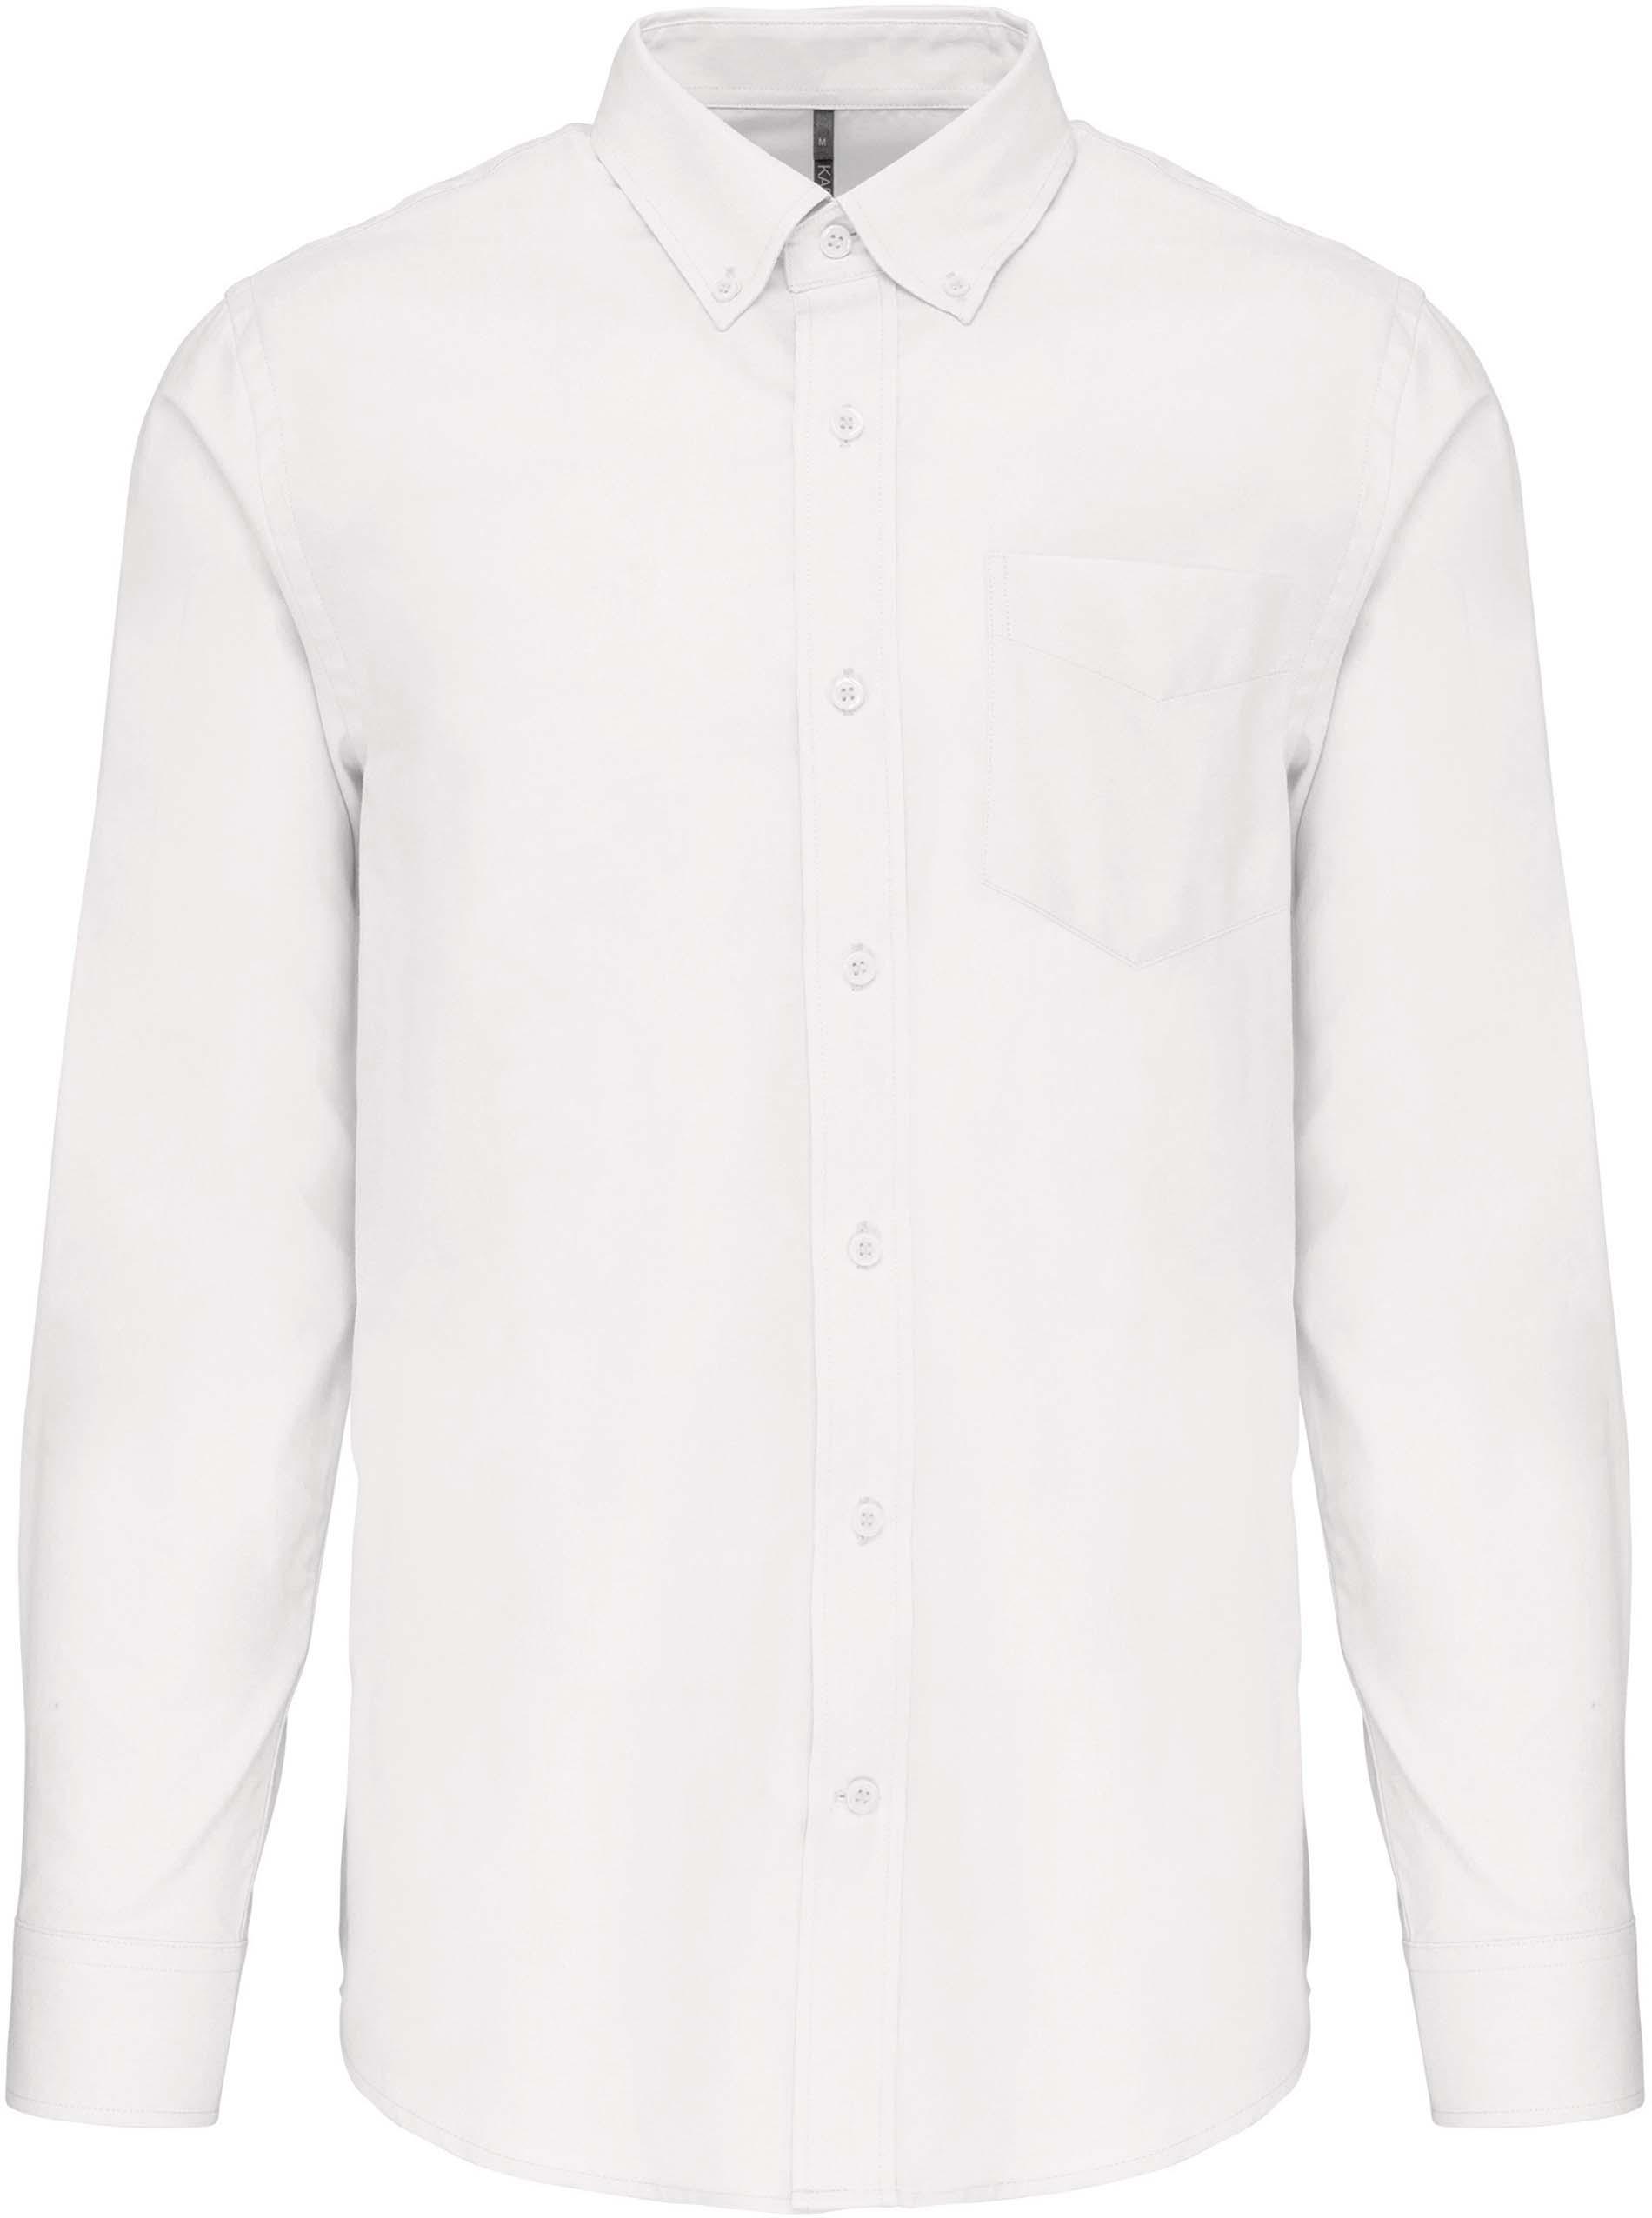 Pánská košile oxford s dlouhým rukávem. Barva: White